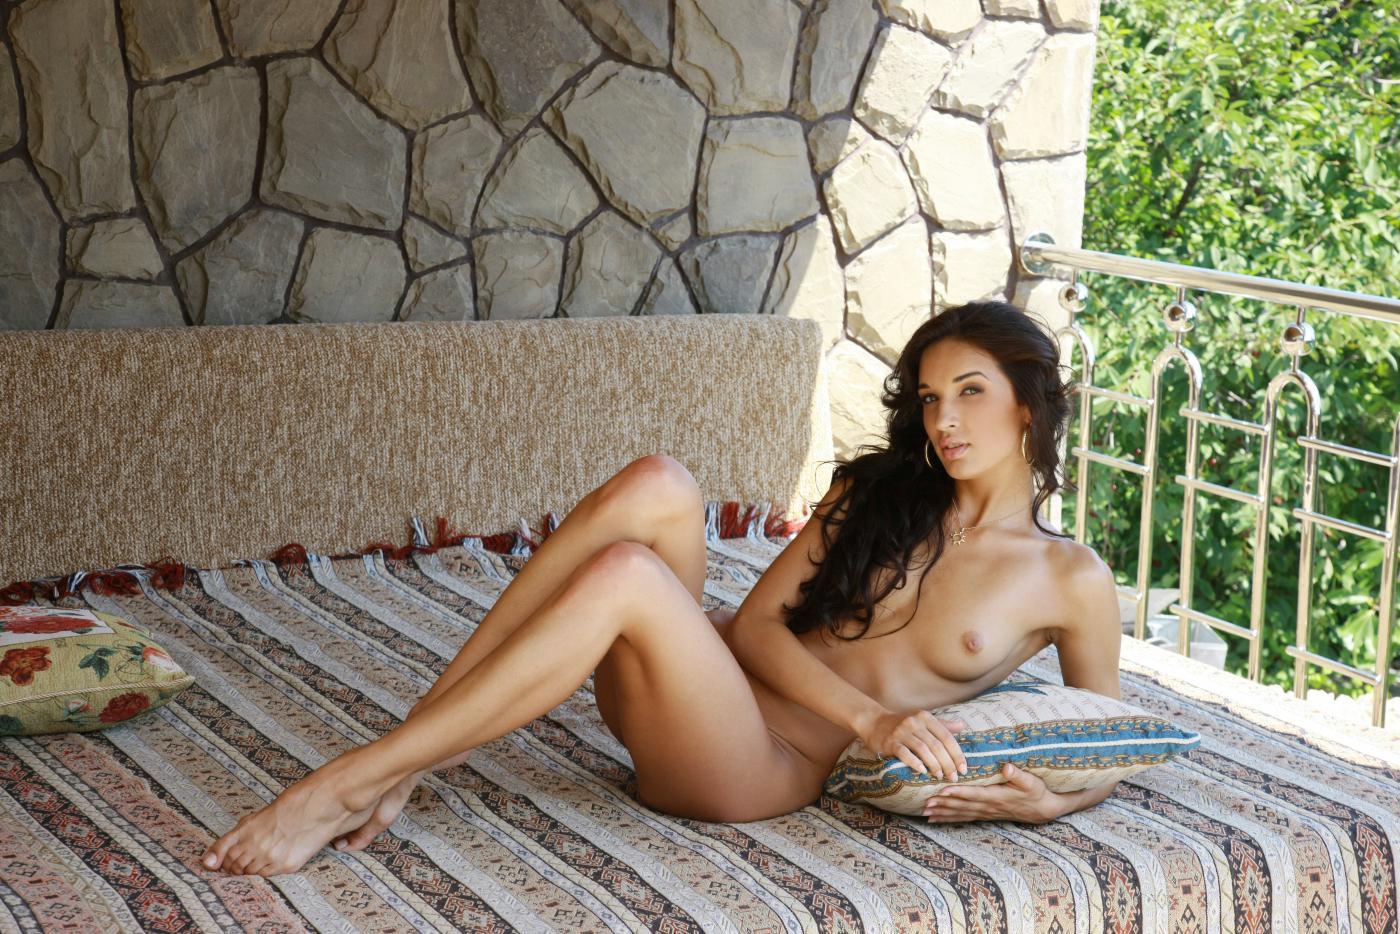 Хорошенькая темненькая девушка Olga M манит всех своей эротической фотосессией